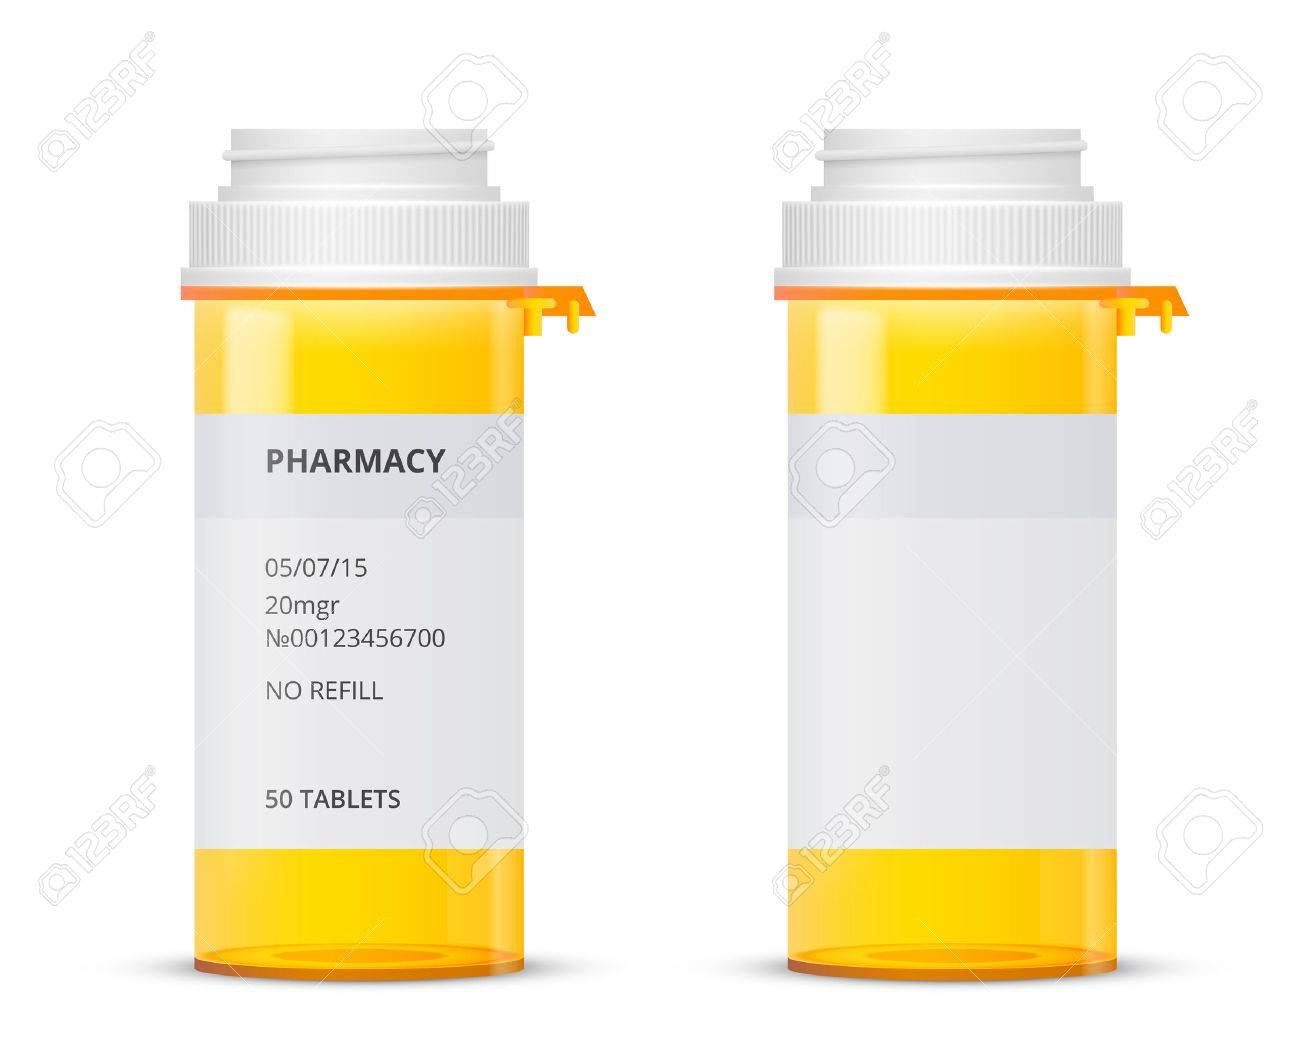 Flasche Für Verschreibungspflichtige Pille Mit Etiketten-Vorlage ...